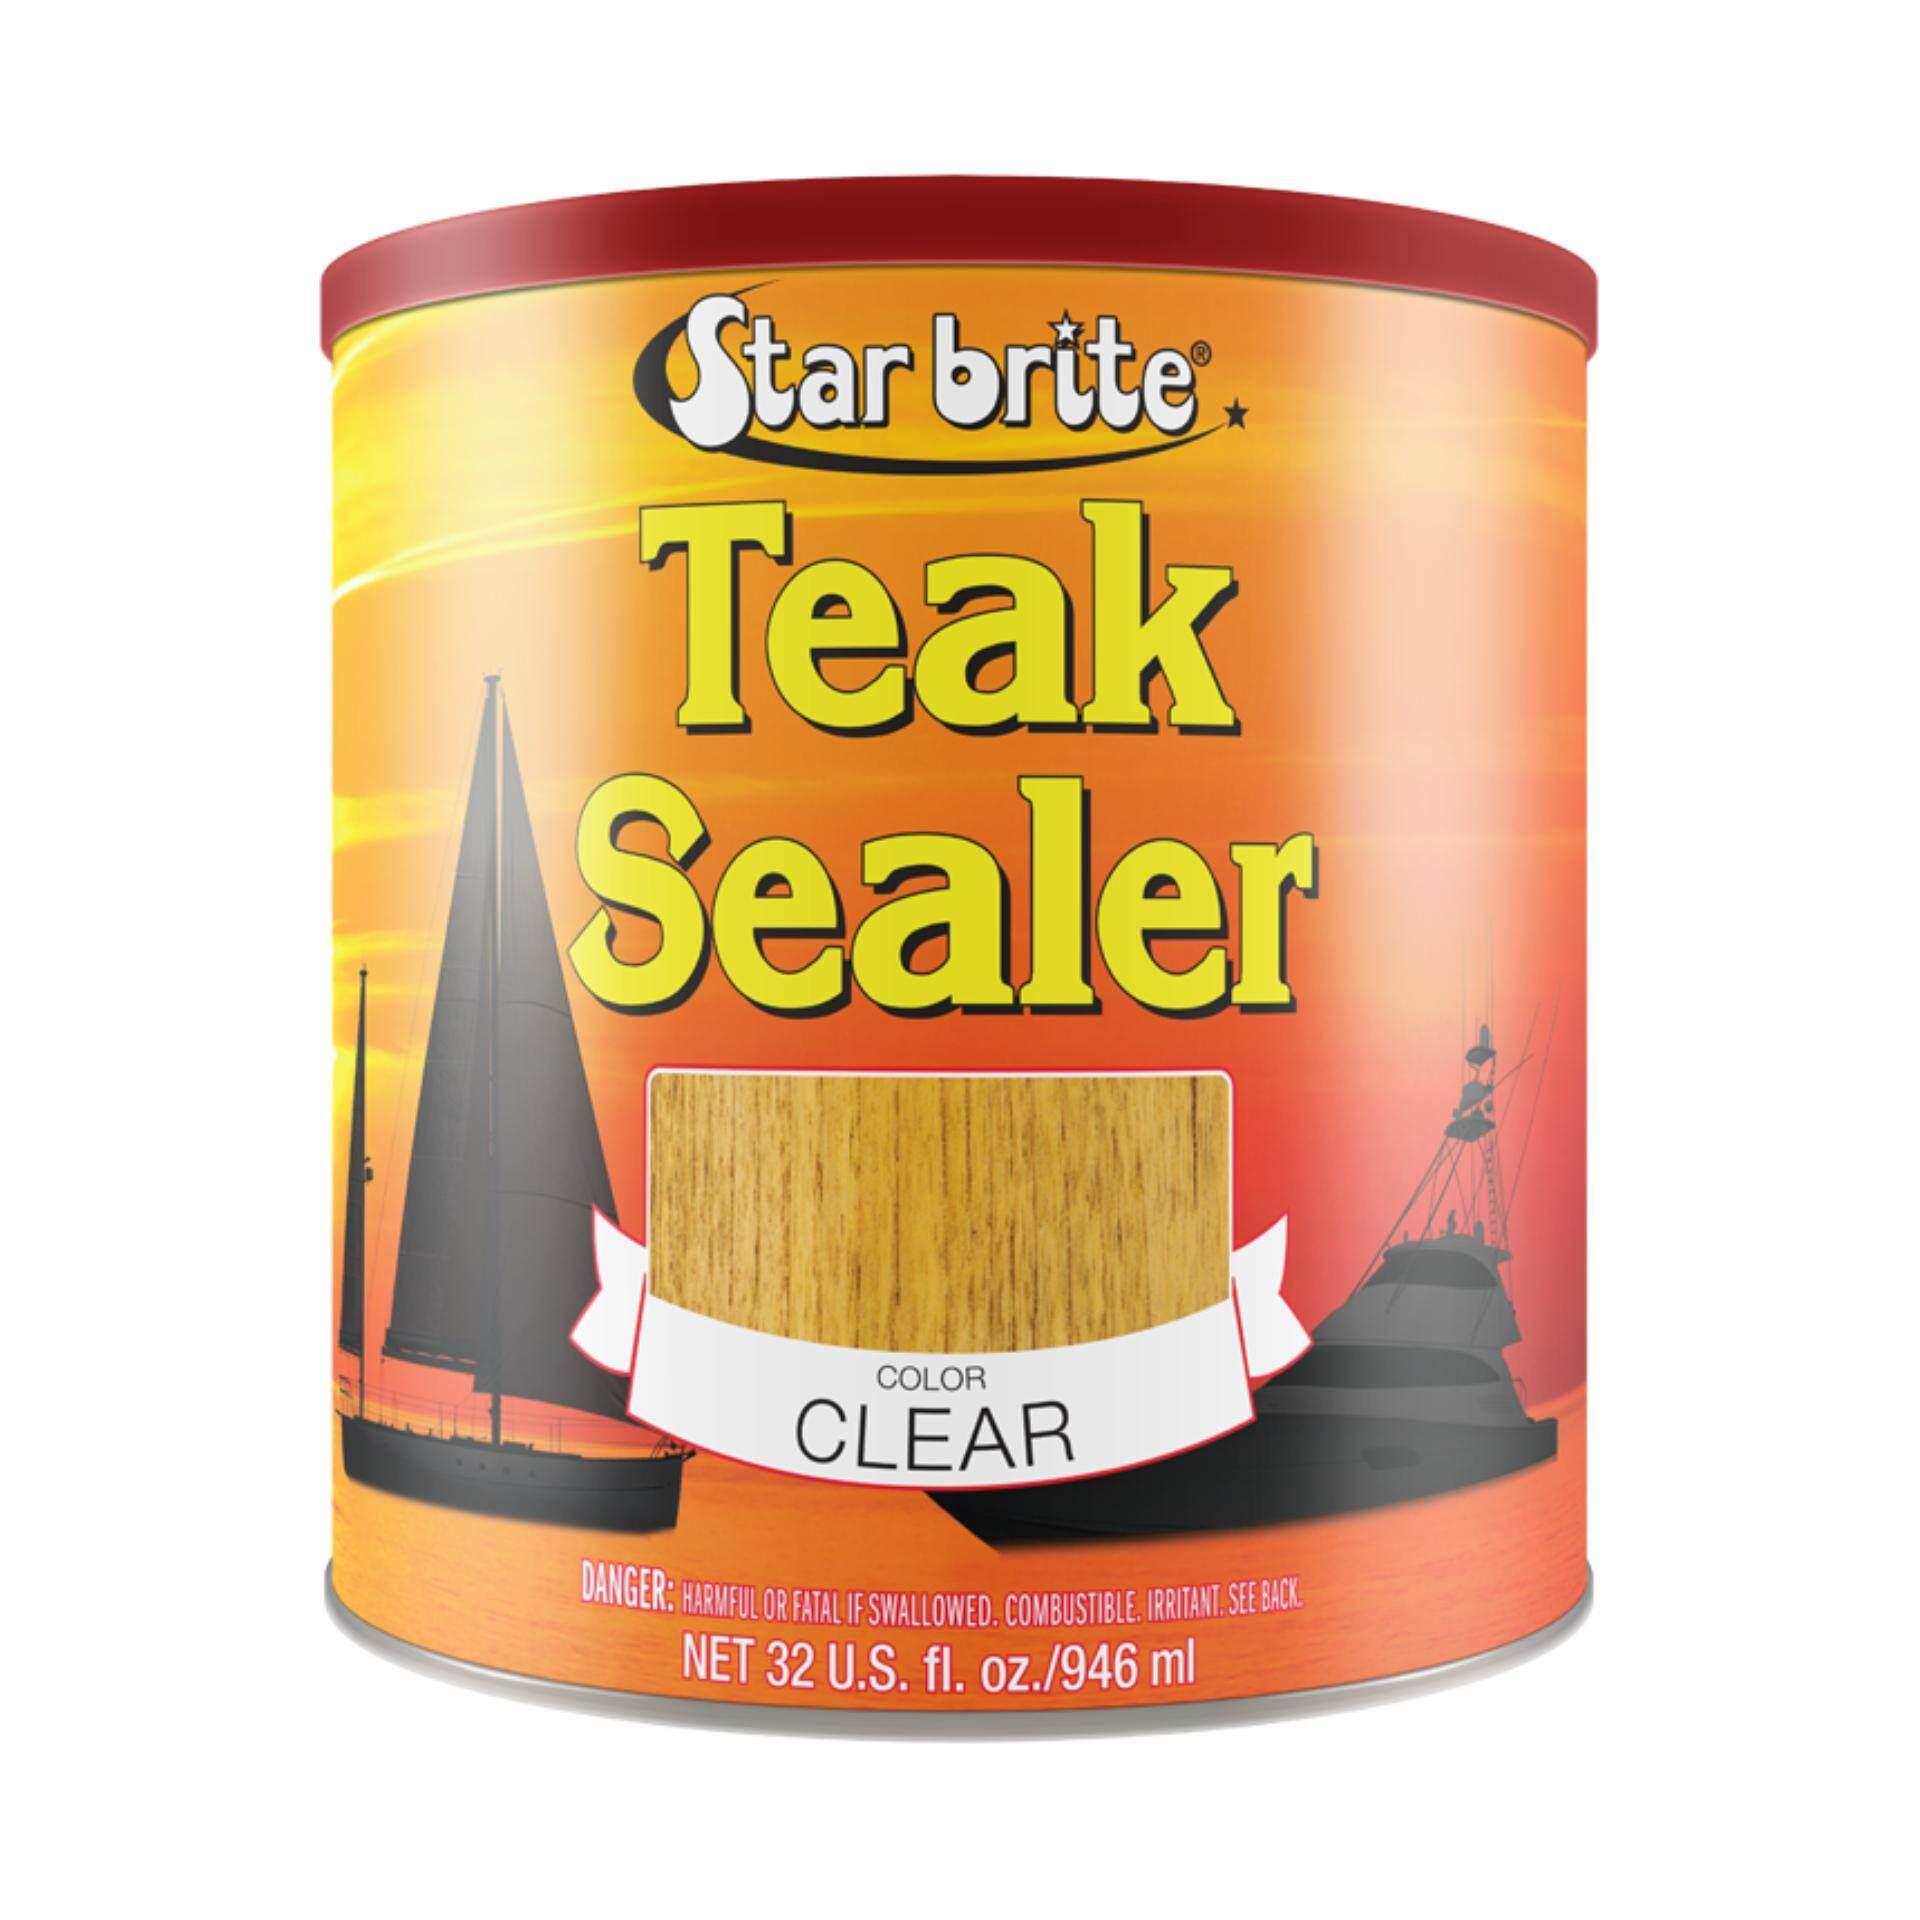 ทรอบปิคัลน้ำมันดูแลรักษาเนื้อไม้ สีใส 32ออนซ์ Starbrite 88032 Tropical Teak Sealer Clear (950ml) 32 Oz..